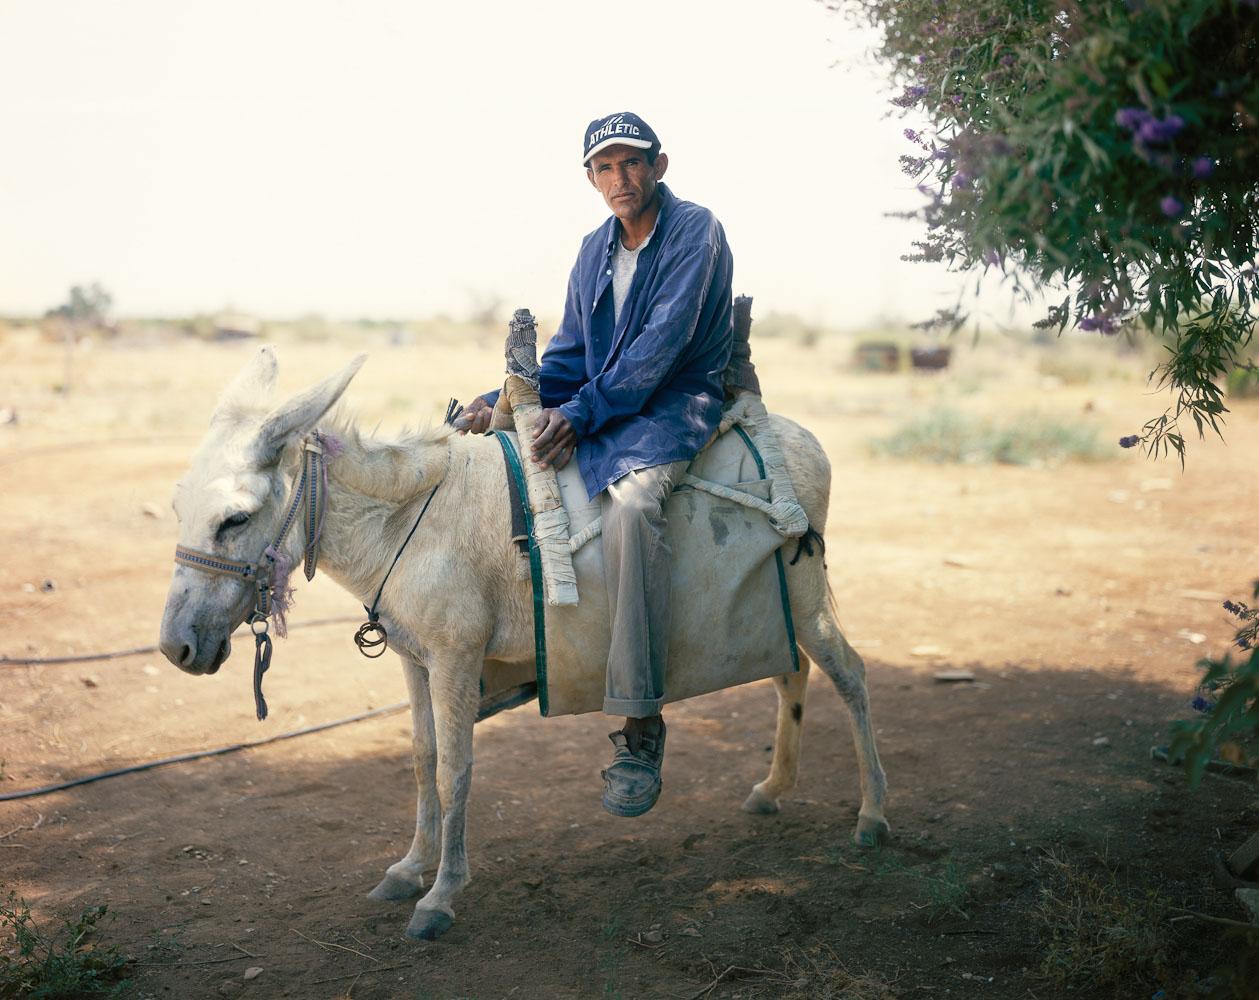 The Man On The White Donkey, HaBiqah, 2006